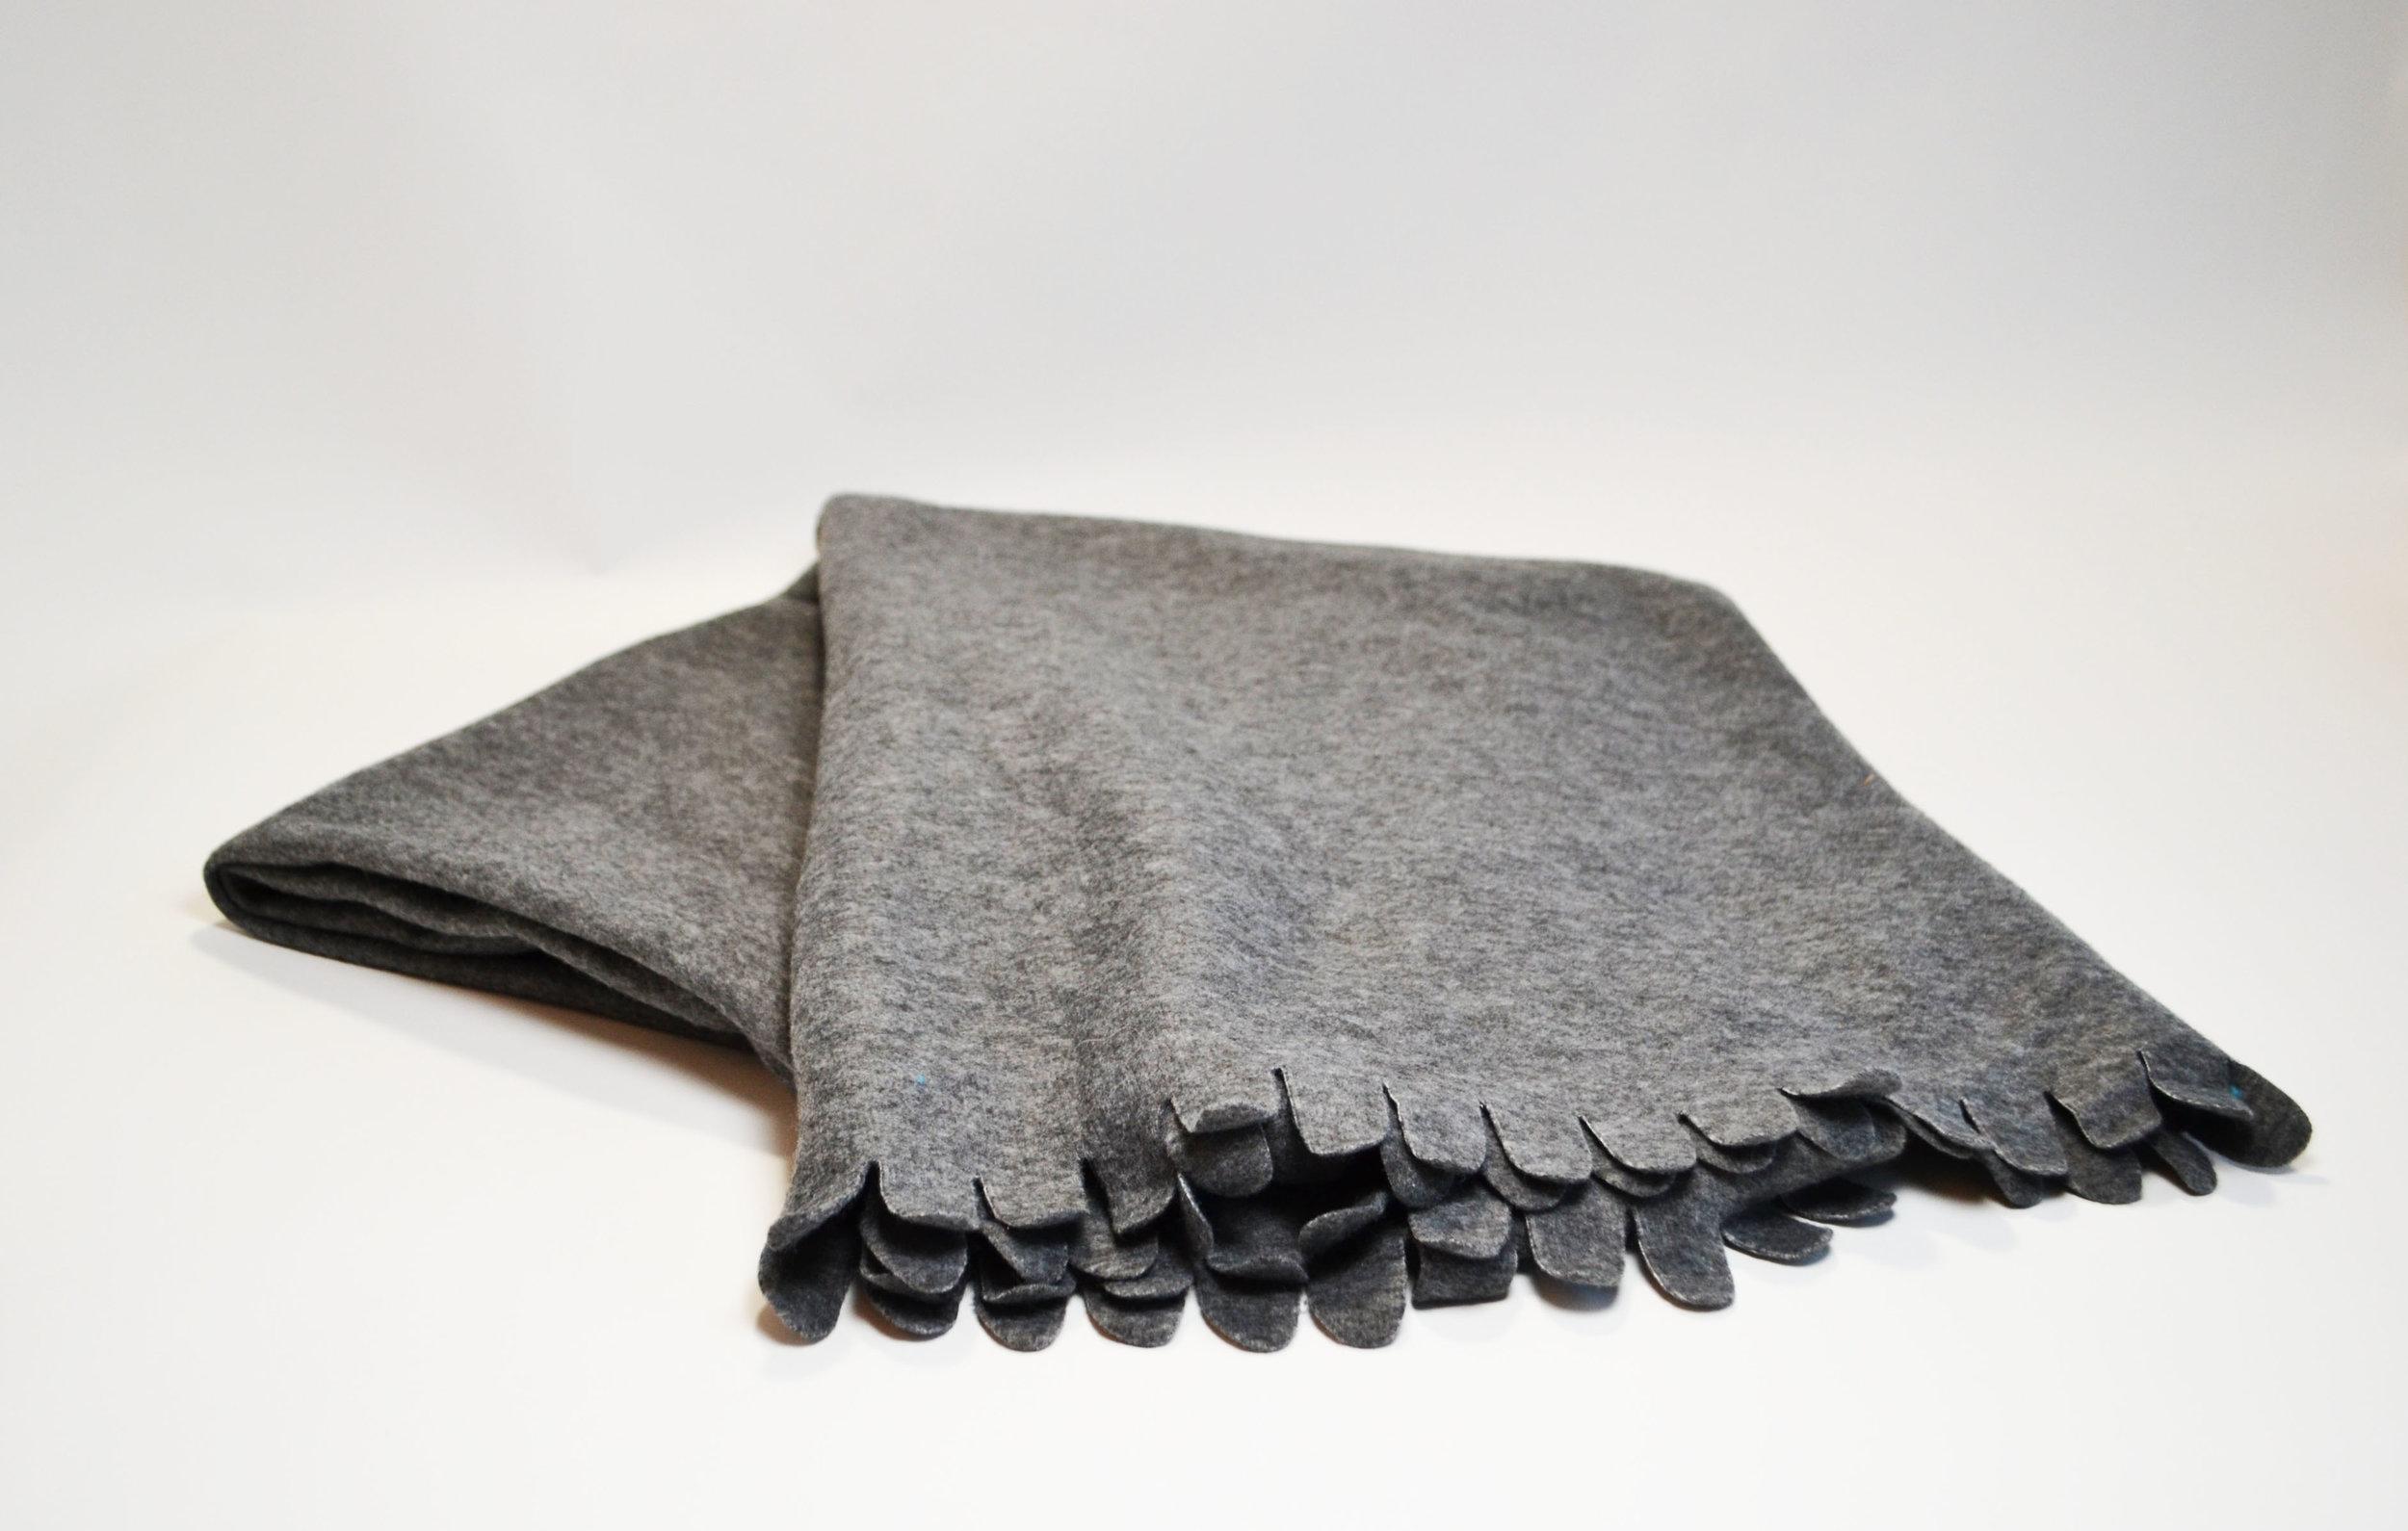 grey blanket   Quantity: 15  Price: $5.50